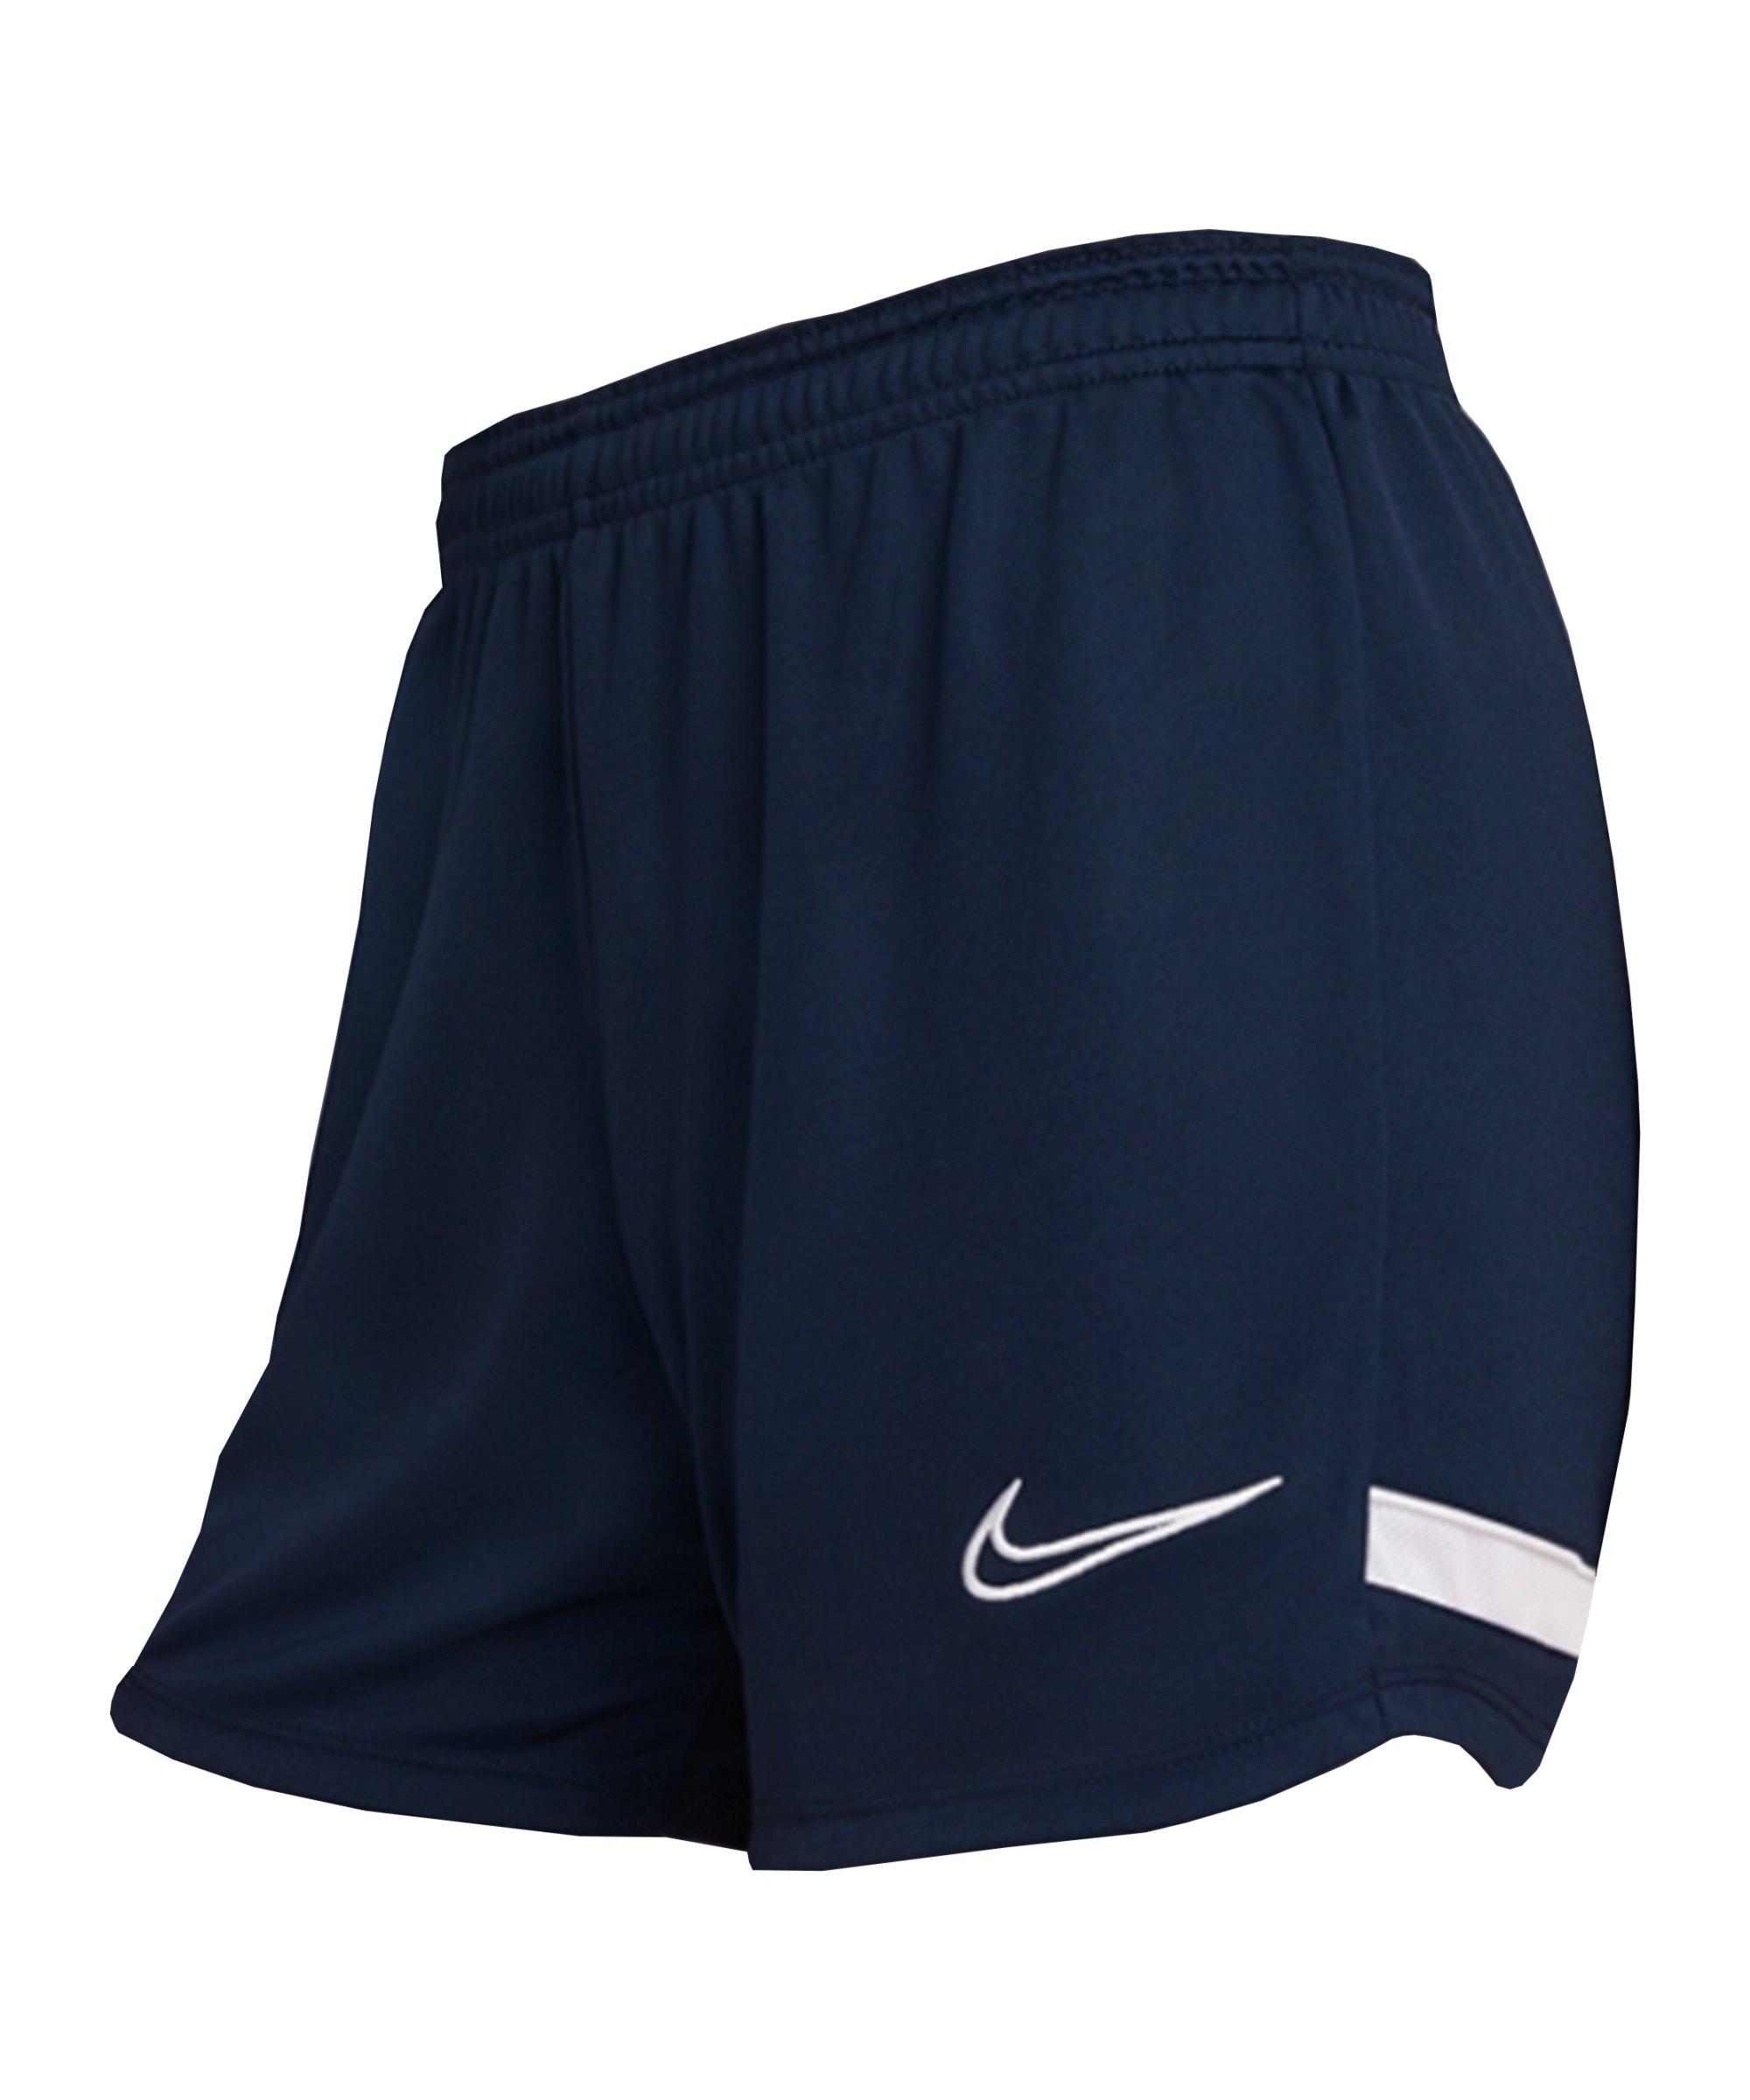 Nike Academy 21 Short Damen Blau Weiss F451 - blau